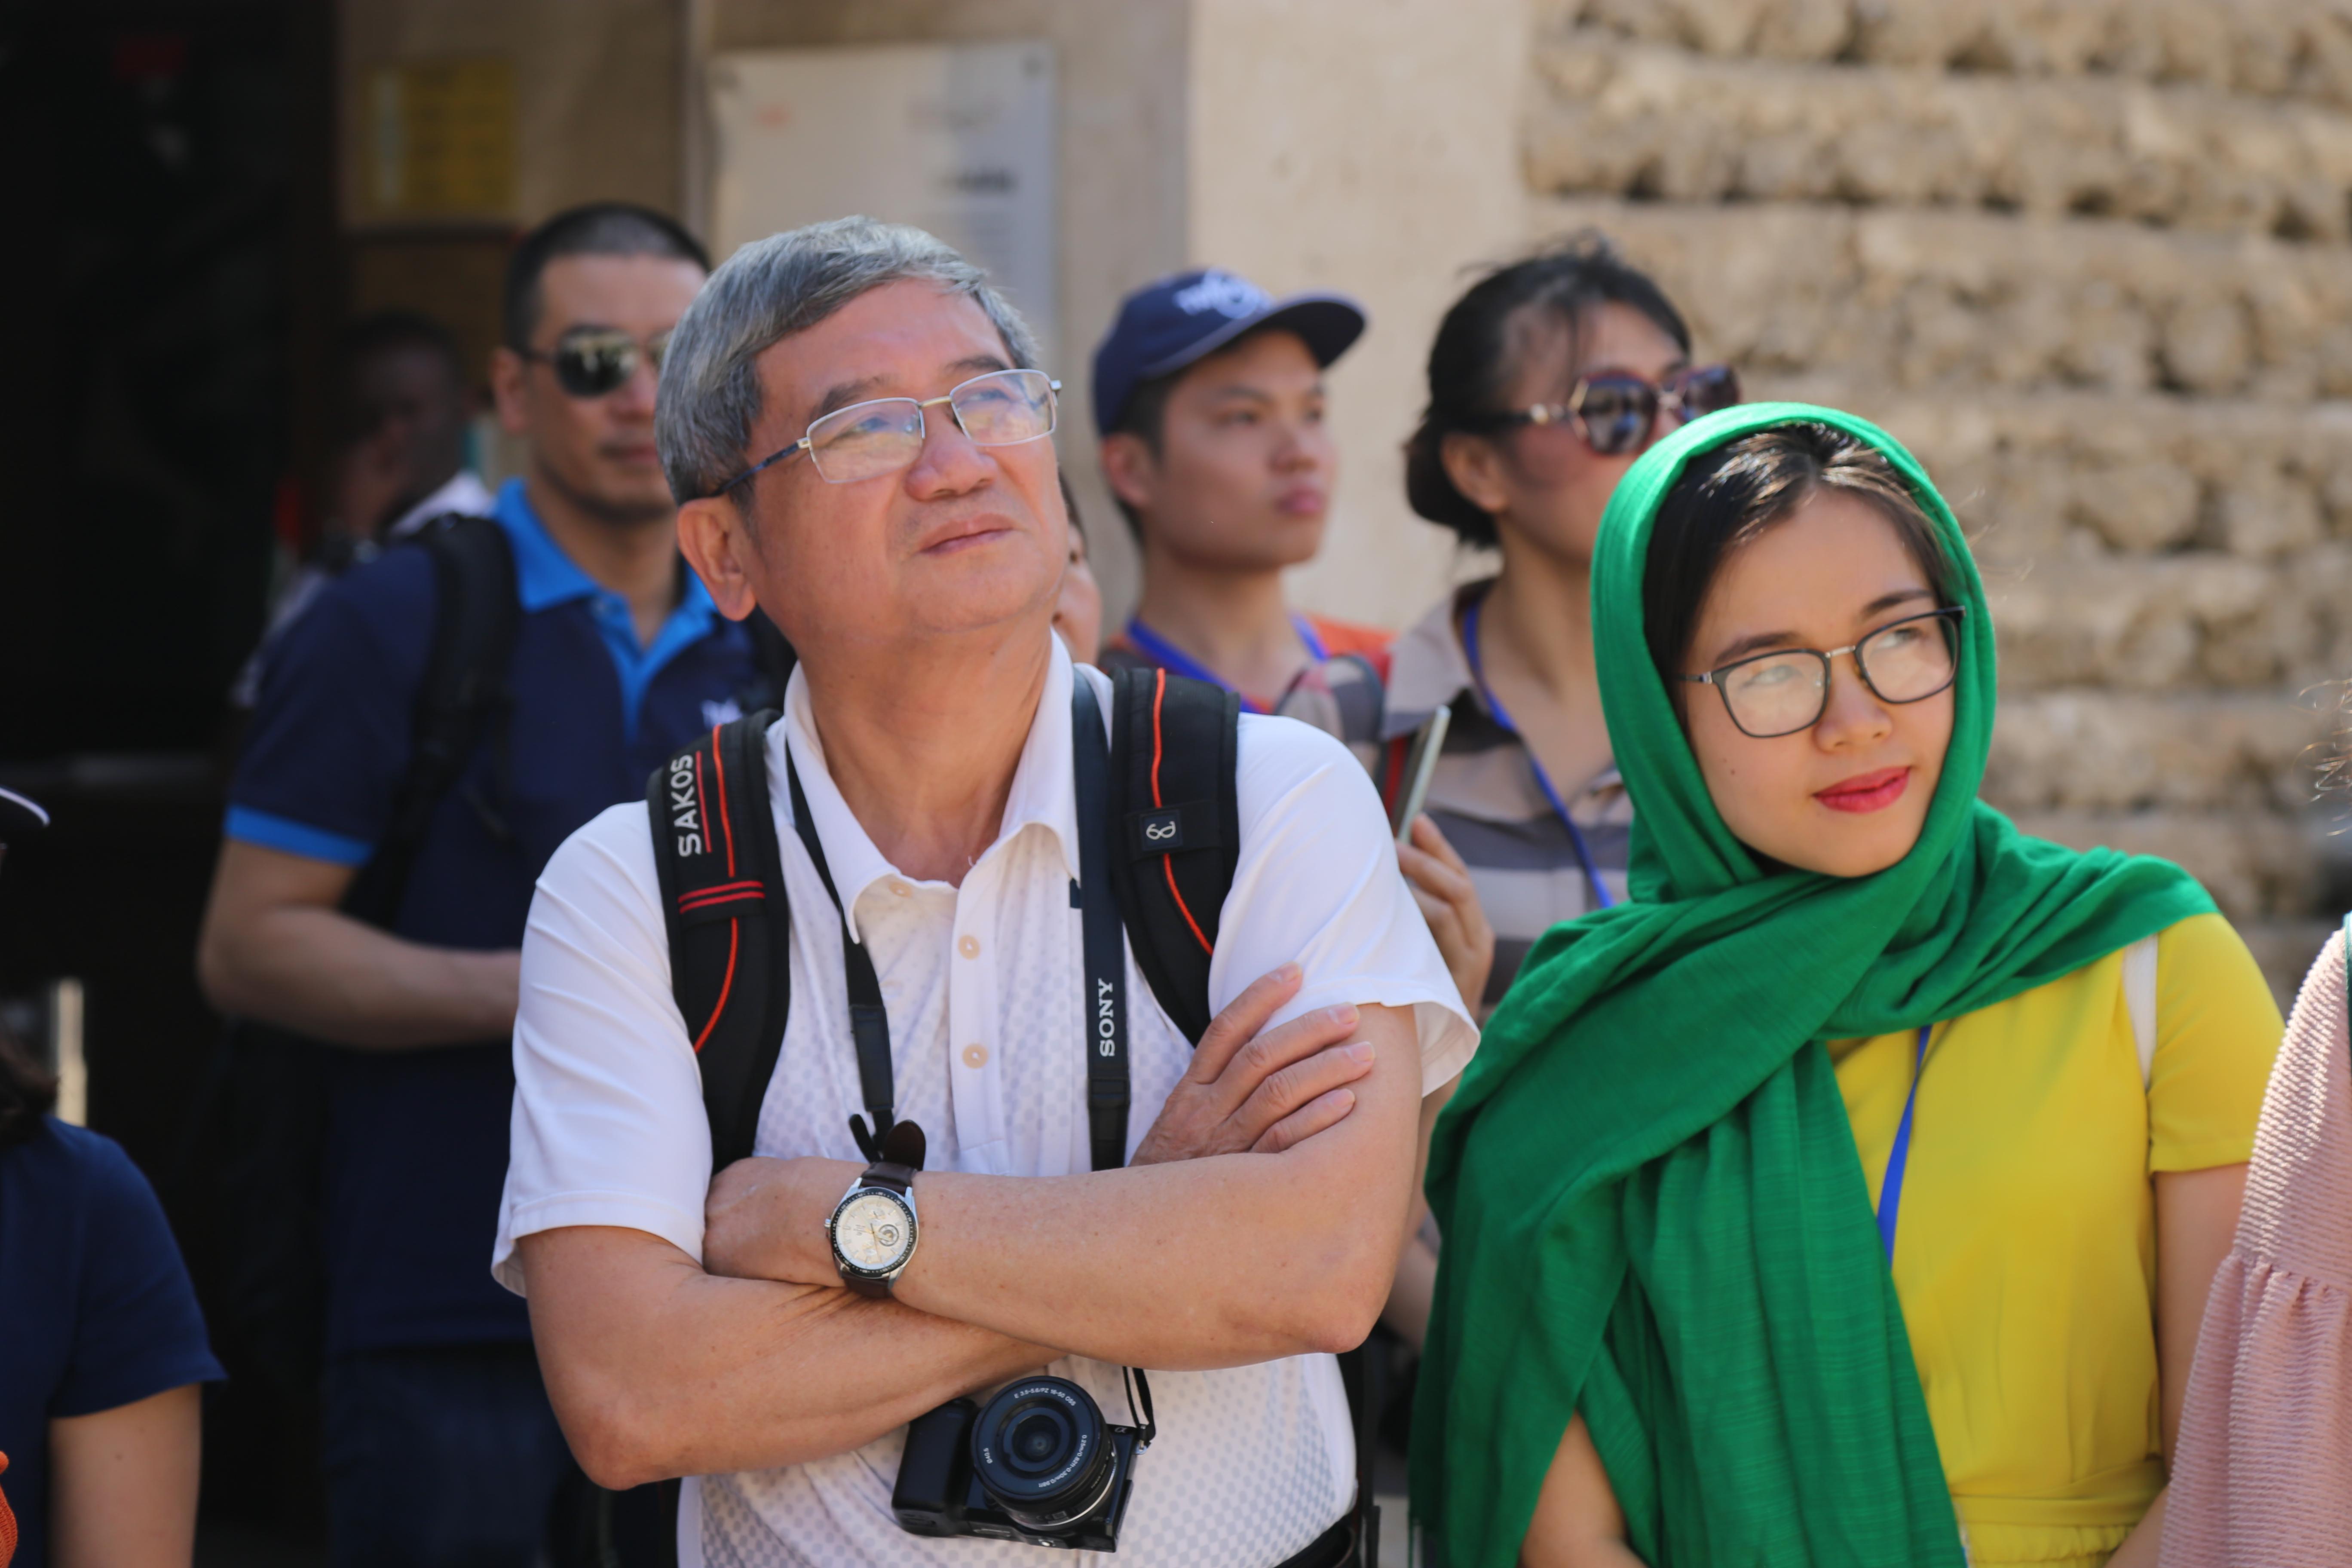 Có mặt tại Dubai, Phó Chủ tịch HĐQT Tập đoàn - anh Bùi Quang Ngọc cùng các thành viên trong đoàn đã có những trải nghiệm thú vị ở thành phố tráng lệ này.